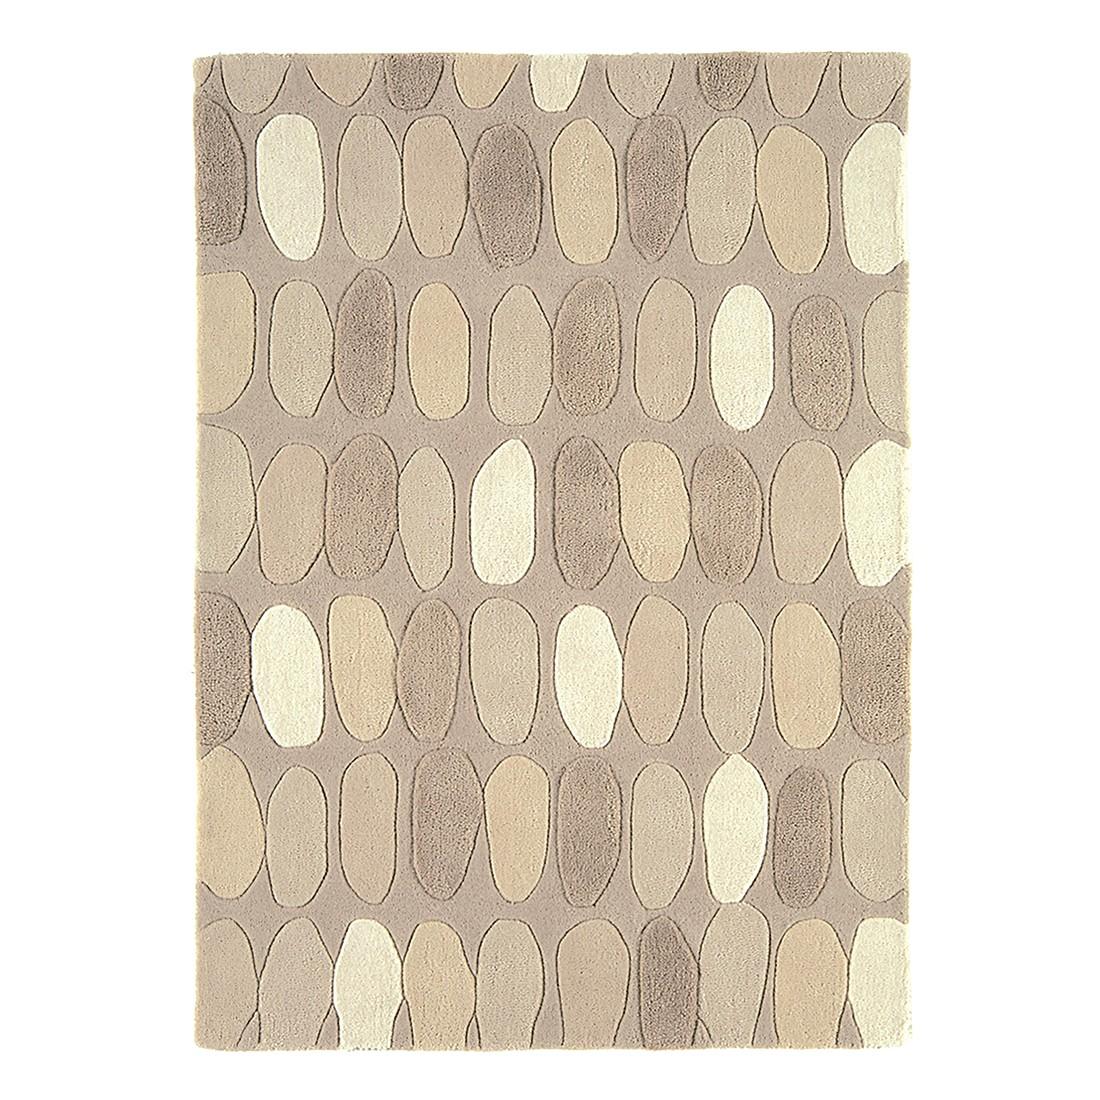 Teppich Matrix Sofia – Beige – 200 x 300 cm, benuta günstig kaufen